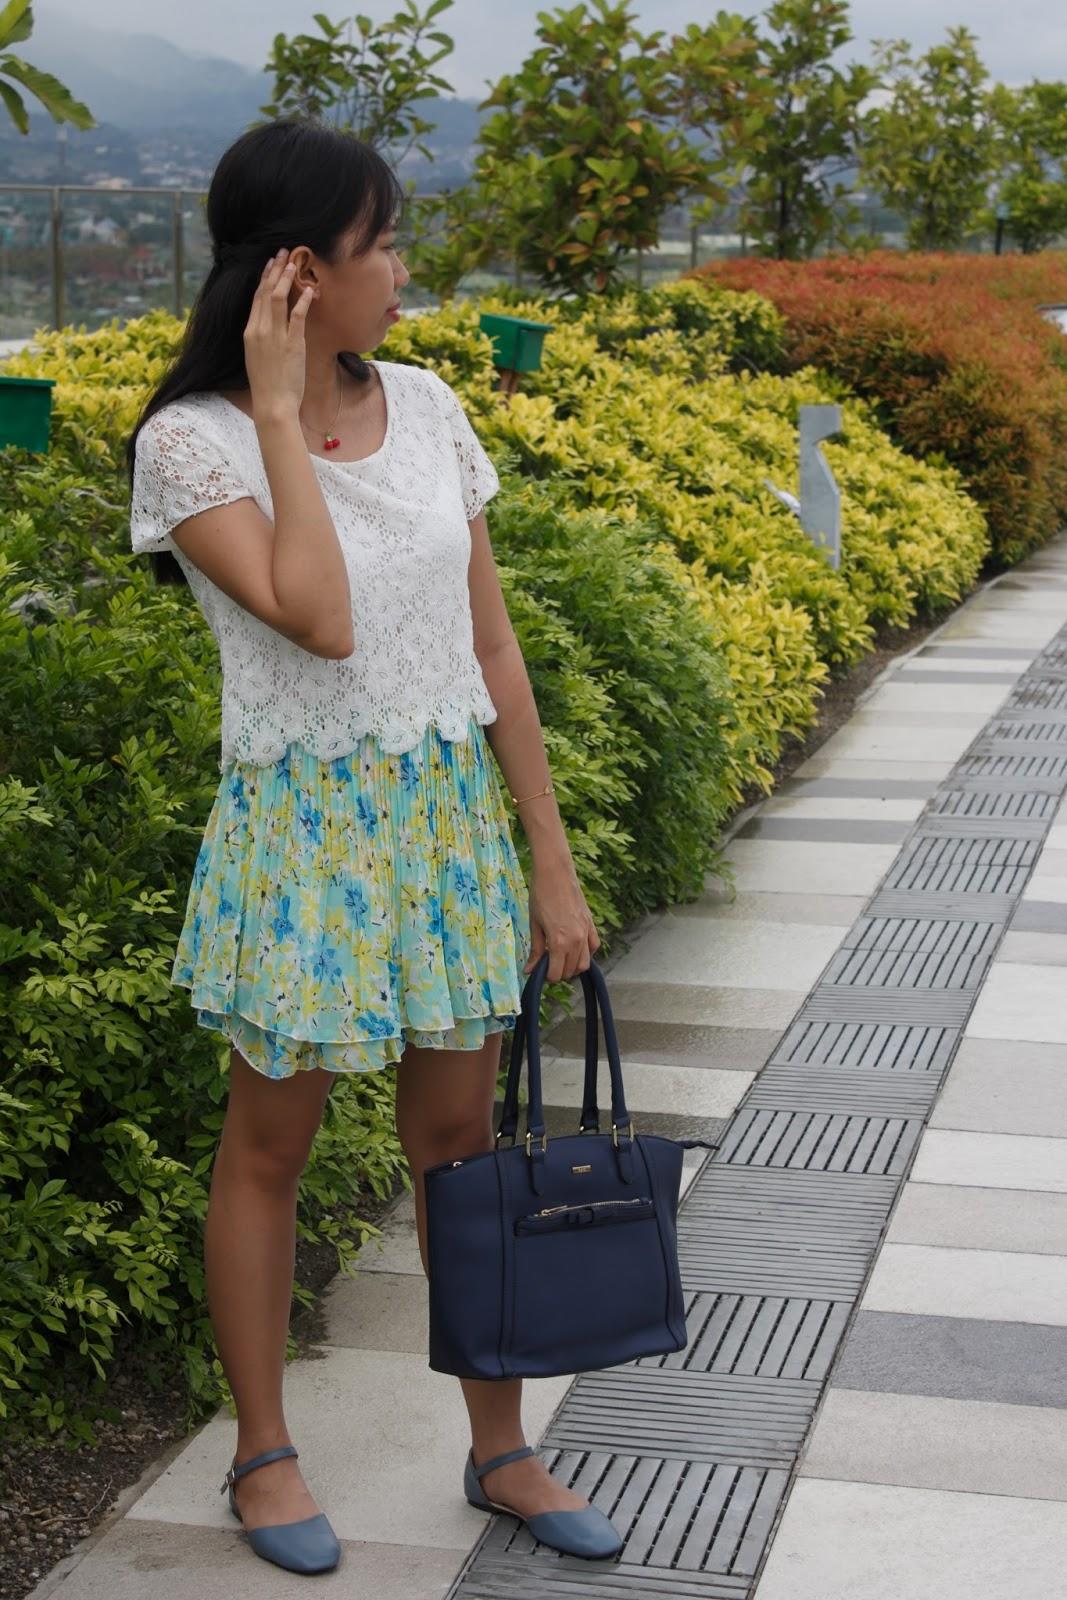 styling a cute dress